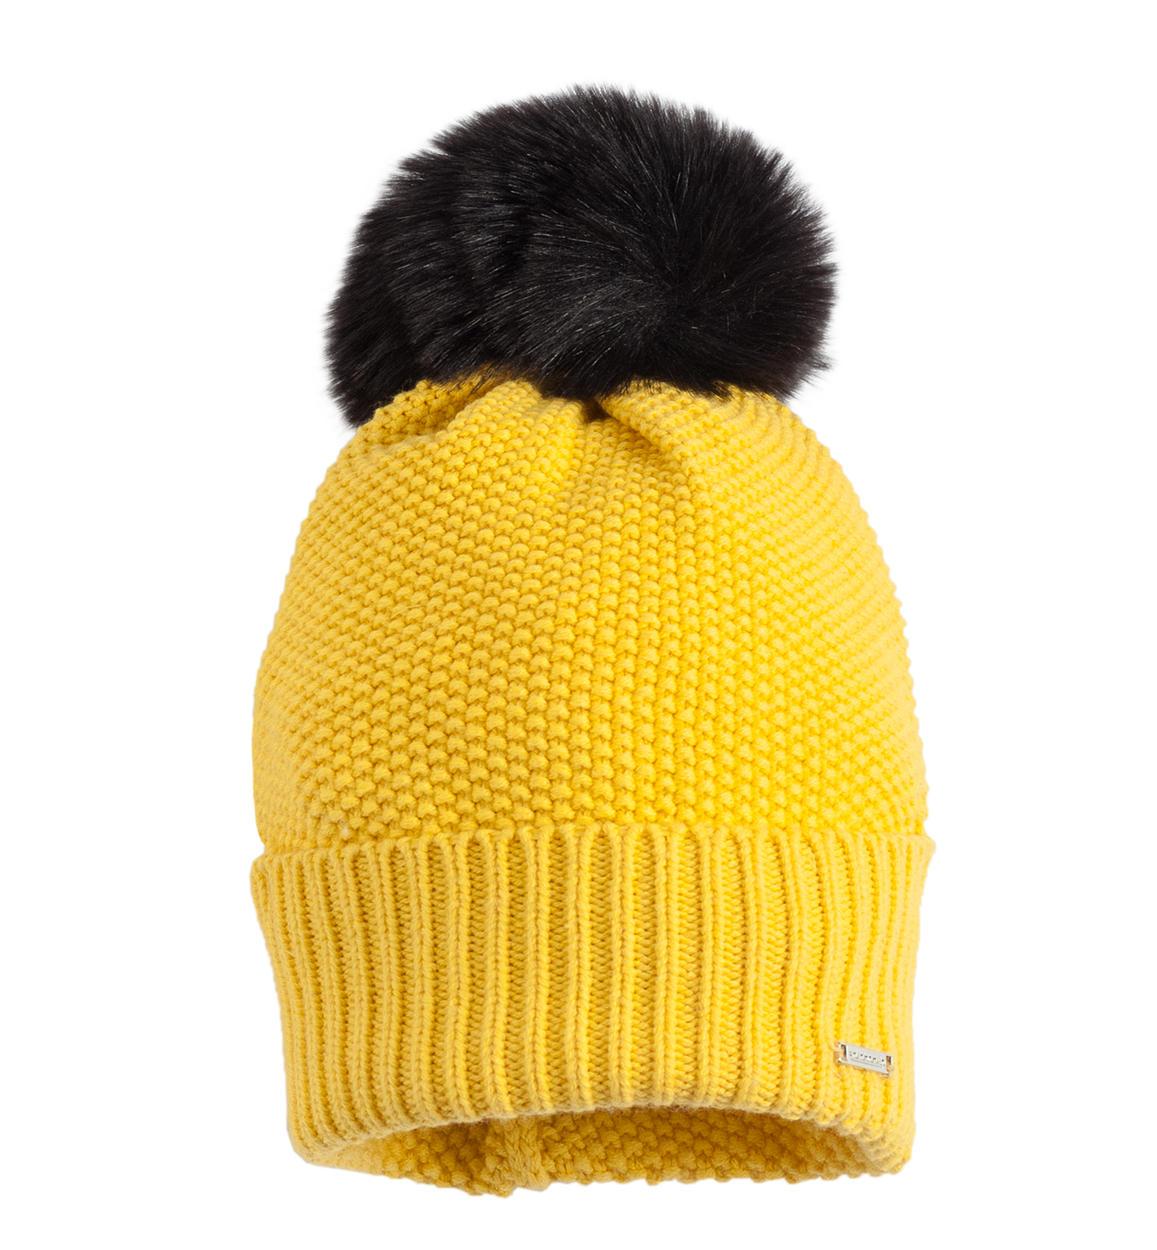 Cappello modello cuffia con pon pon per bambina da 6 a 16 anni Sarabanda.  GIALLO-1433 back 950f17c7fc65